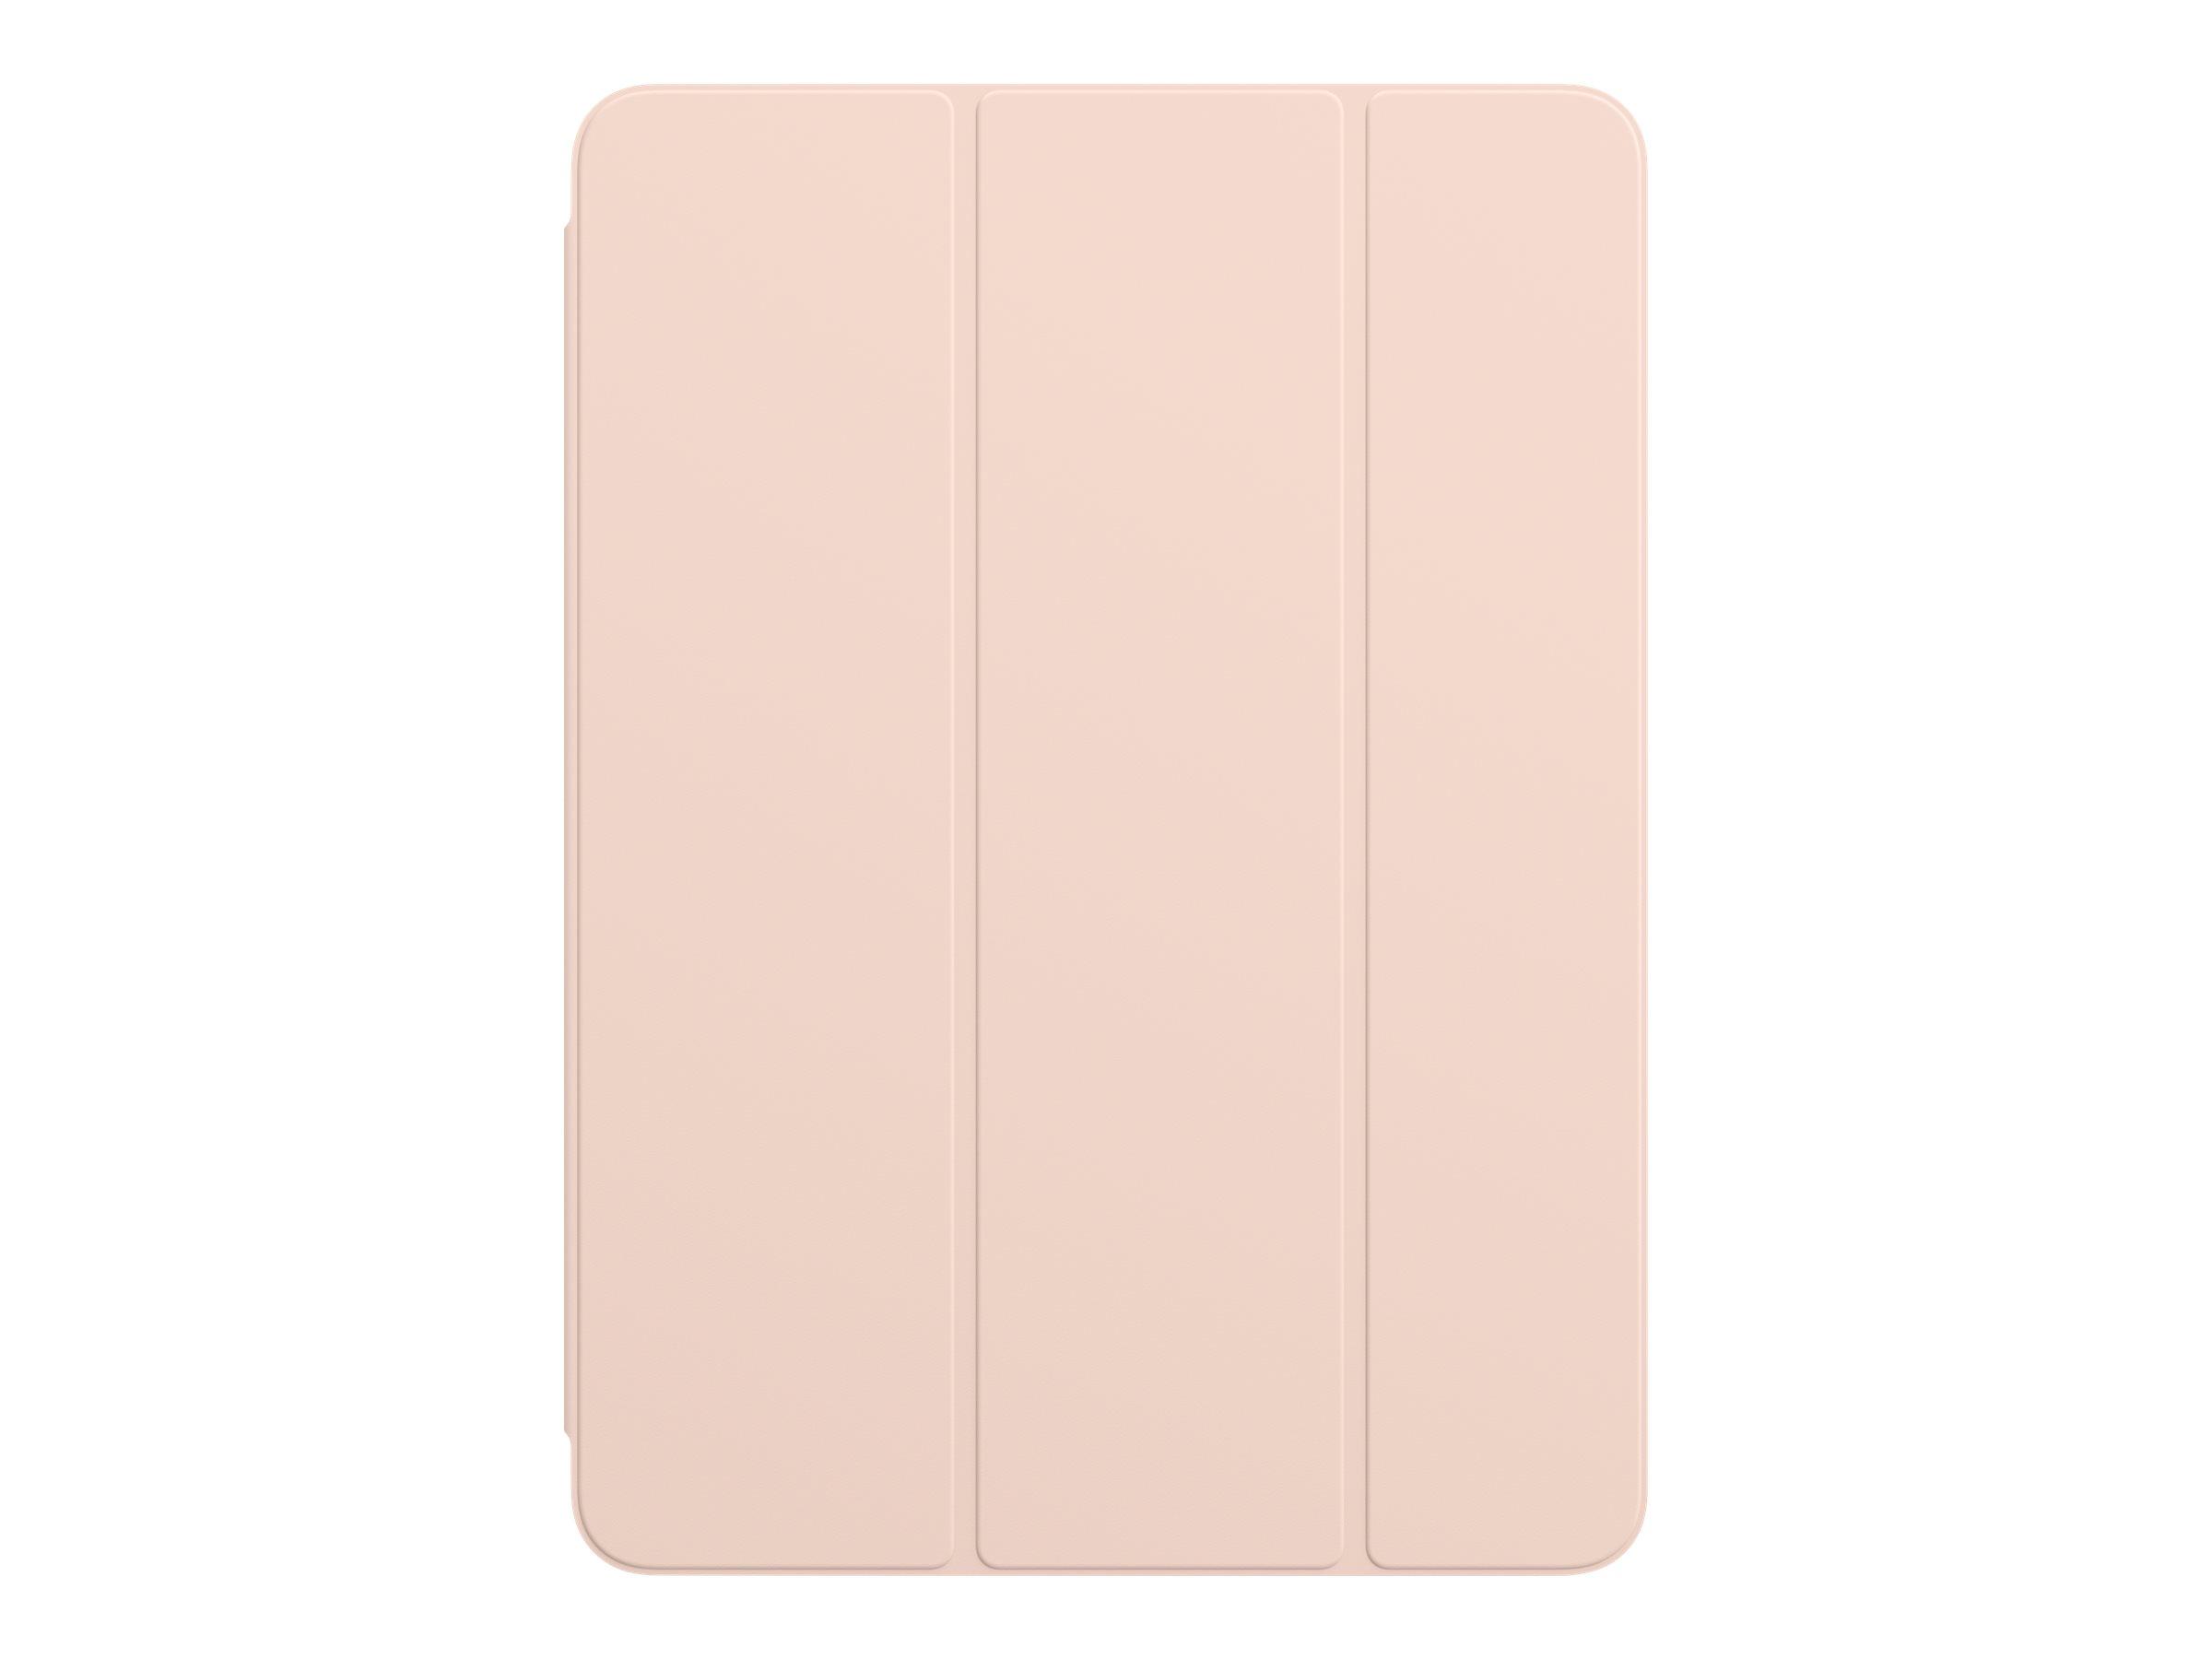 """Vorschau: Apple Smart Folio - Flip-Hülle für Tablet - Polyurethan - rosa sandfarben - 11"""" - für 11-inch iPad Pro (1. Generation, 2. Generation)"""